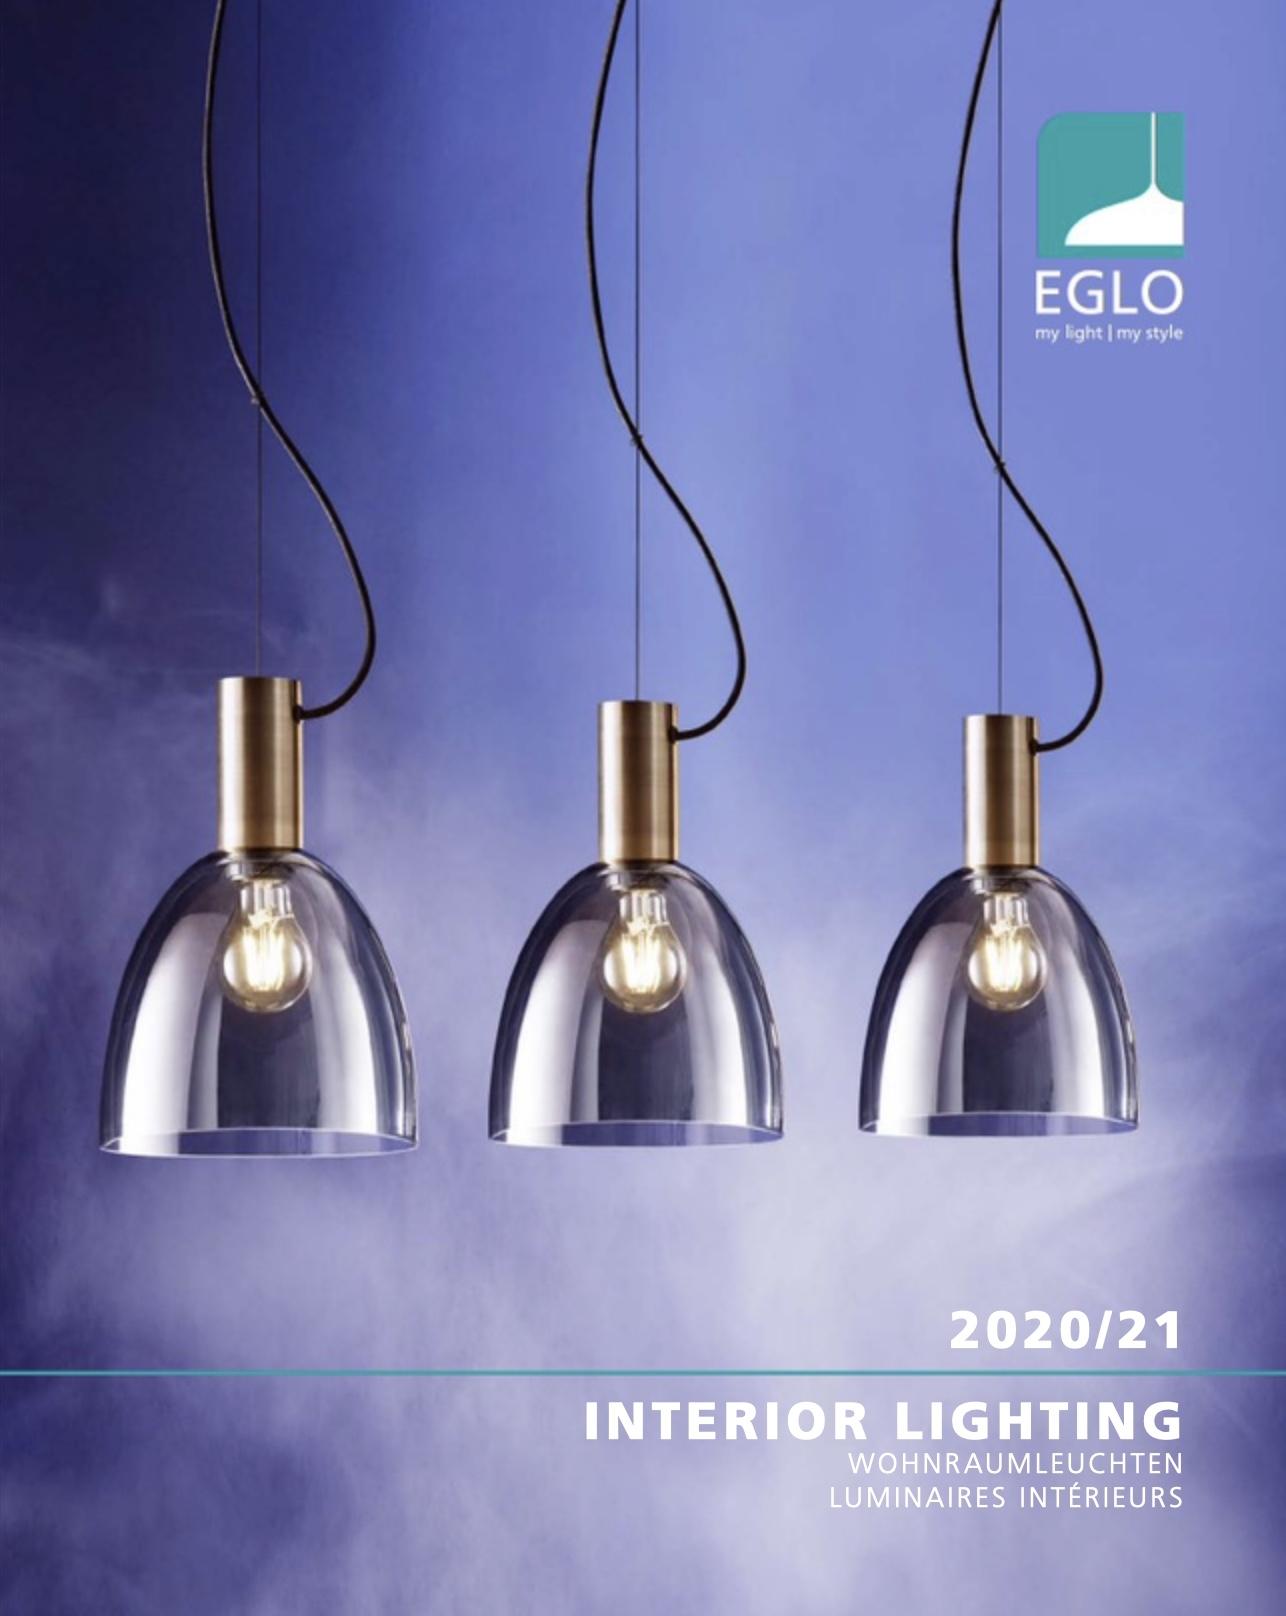 EGLO Interior Lighting 2020/21